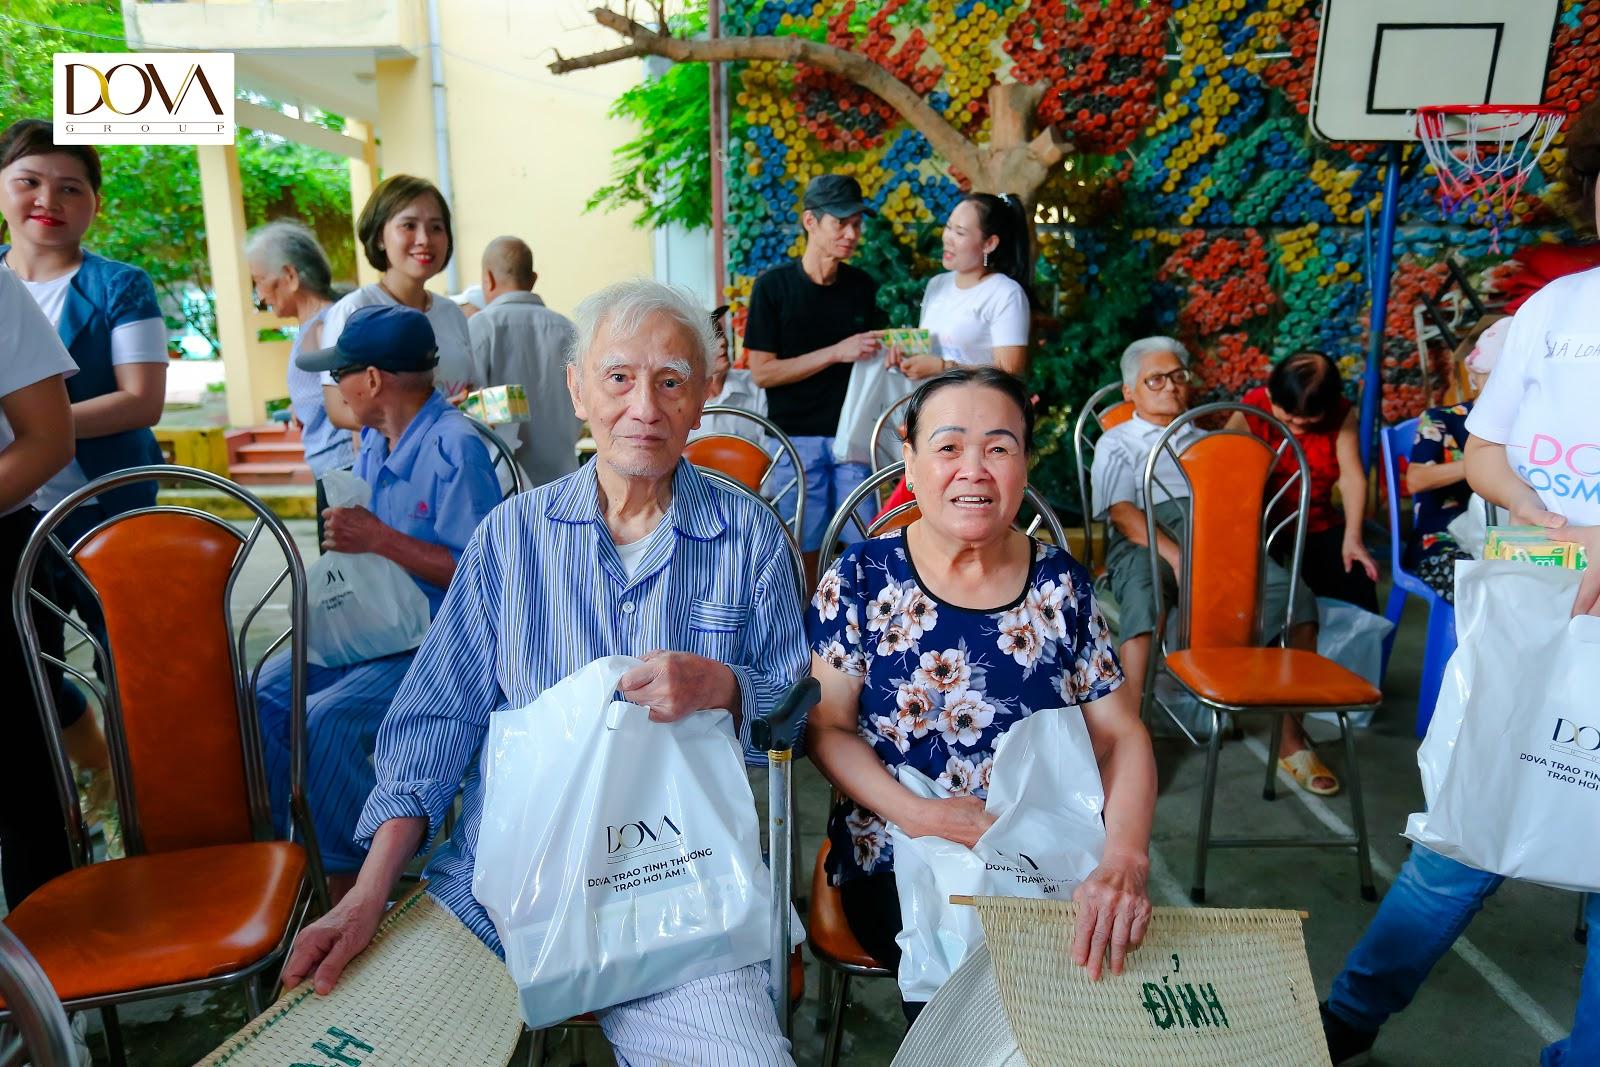 Tập đoàn Dova trao hơn 500 suất quà cho người già neo đơn, trẻ mồ côi, khuyết tật - Ảnh 6